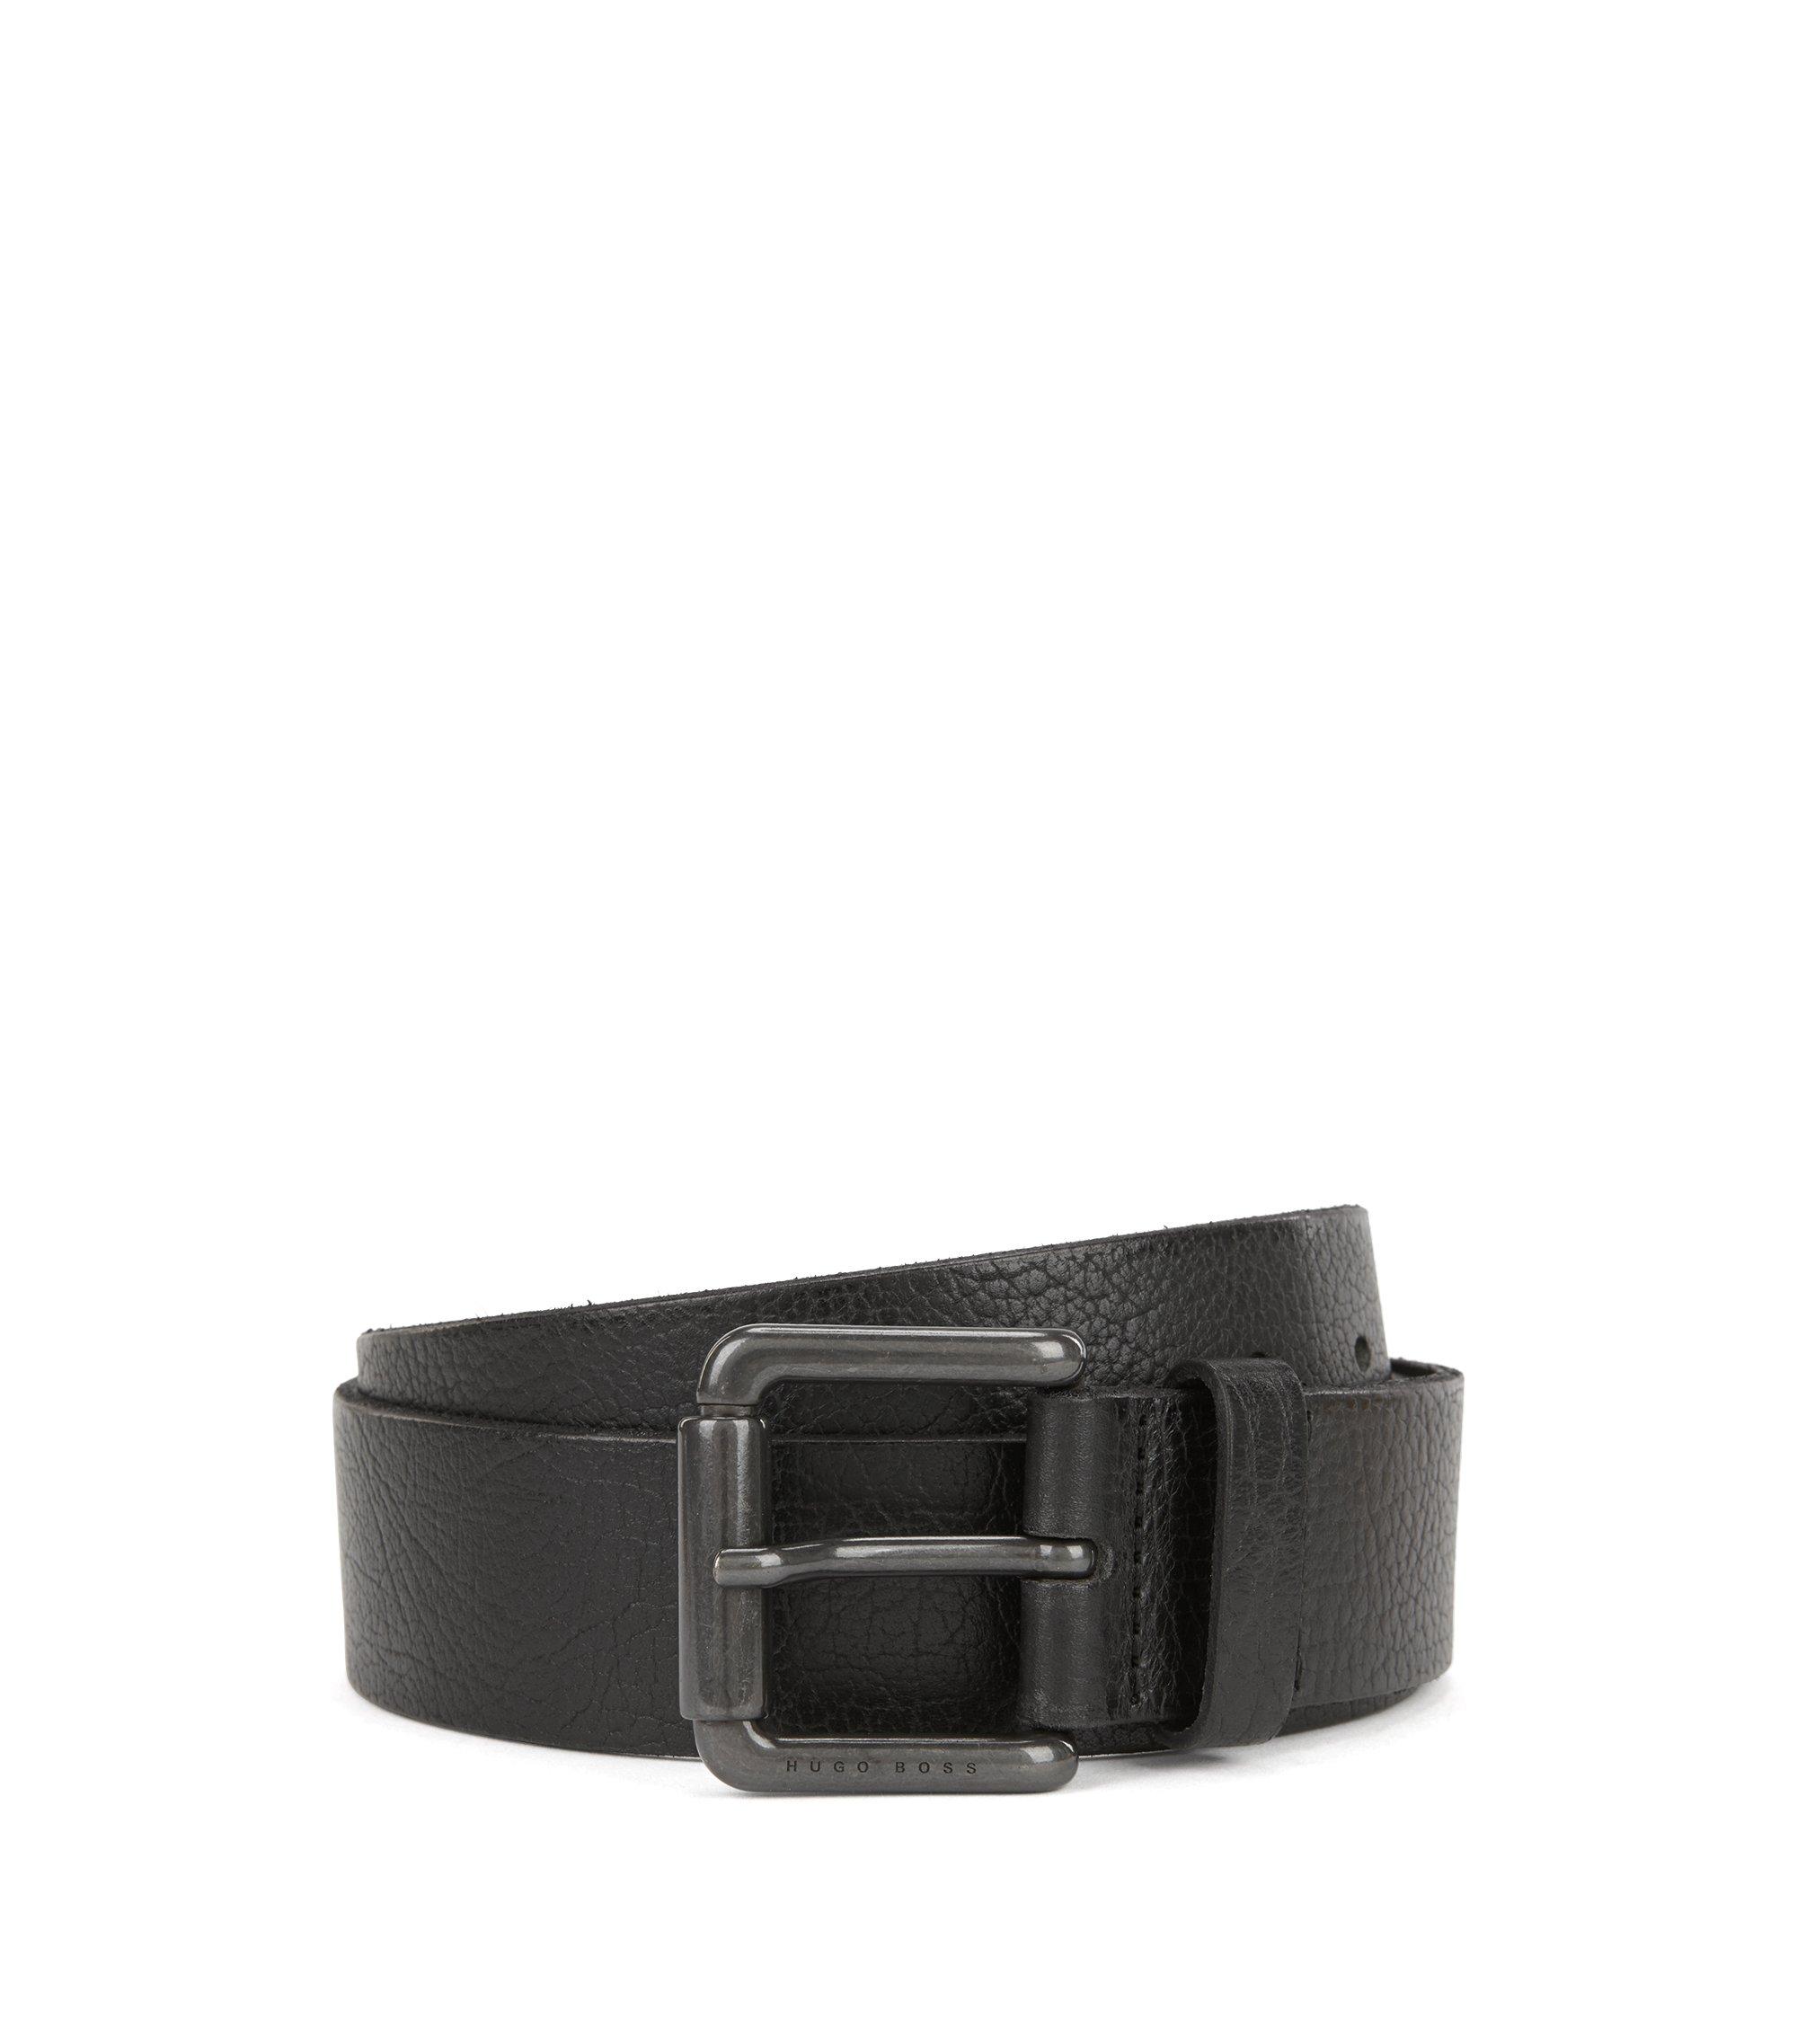 Cintura in pelle martellata con fibbia arrotondata color canna di fucile, Nero